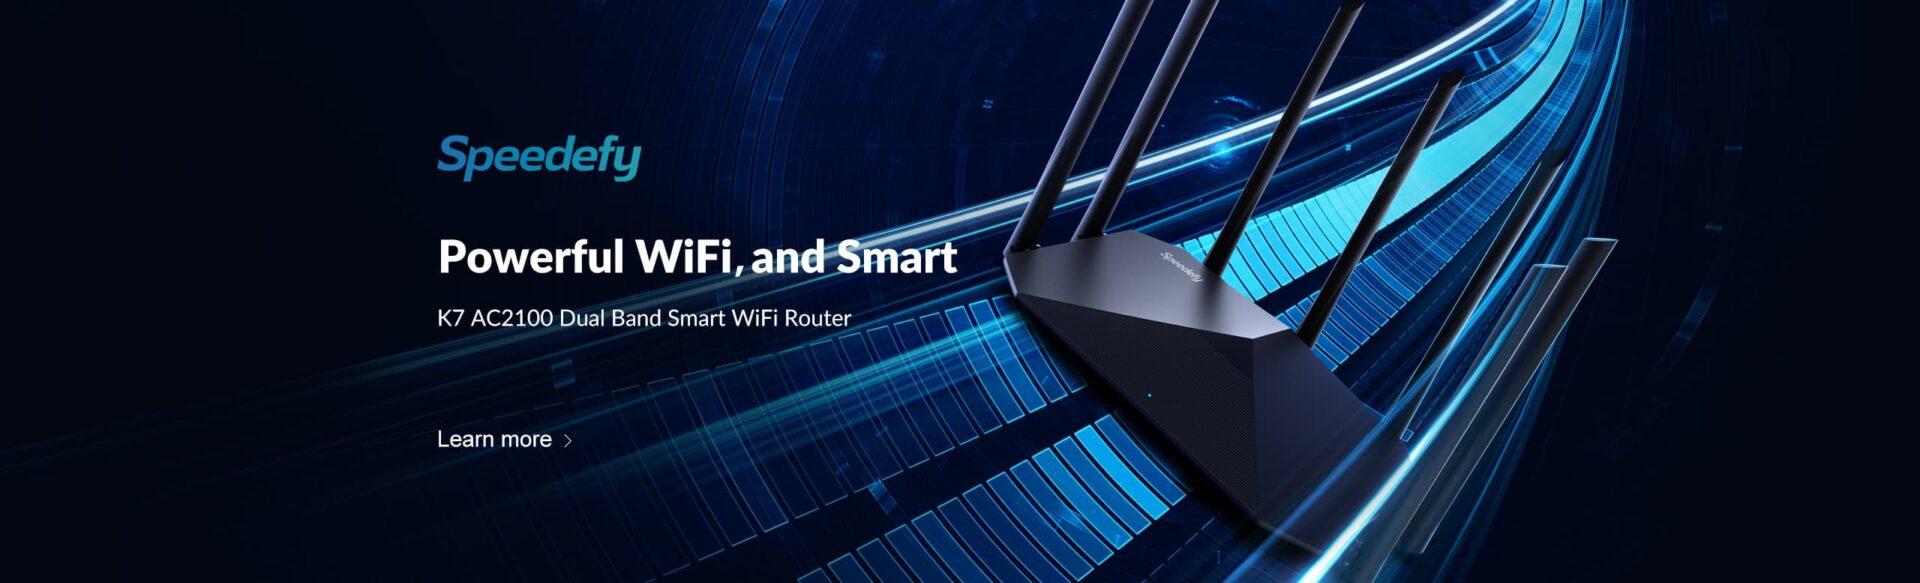 speedefy k7 wifi router headline banner